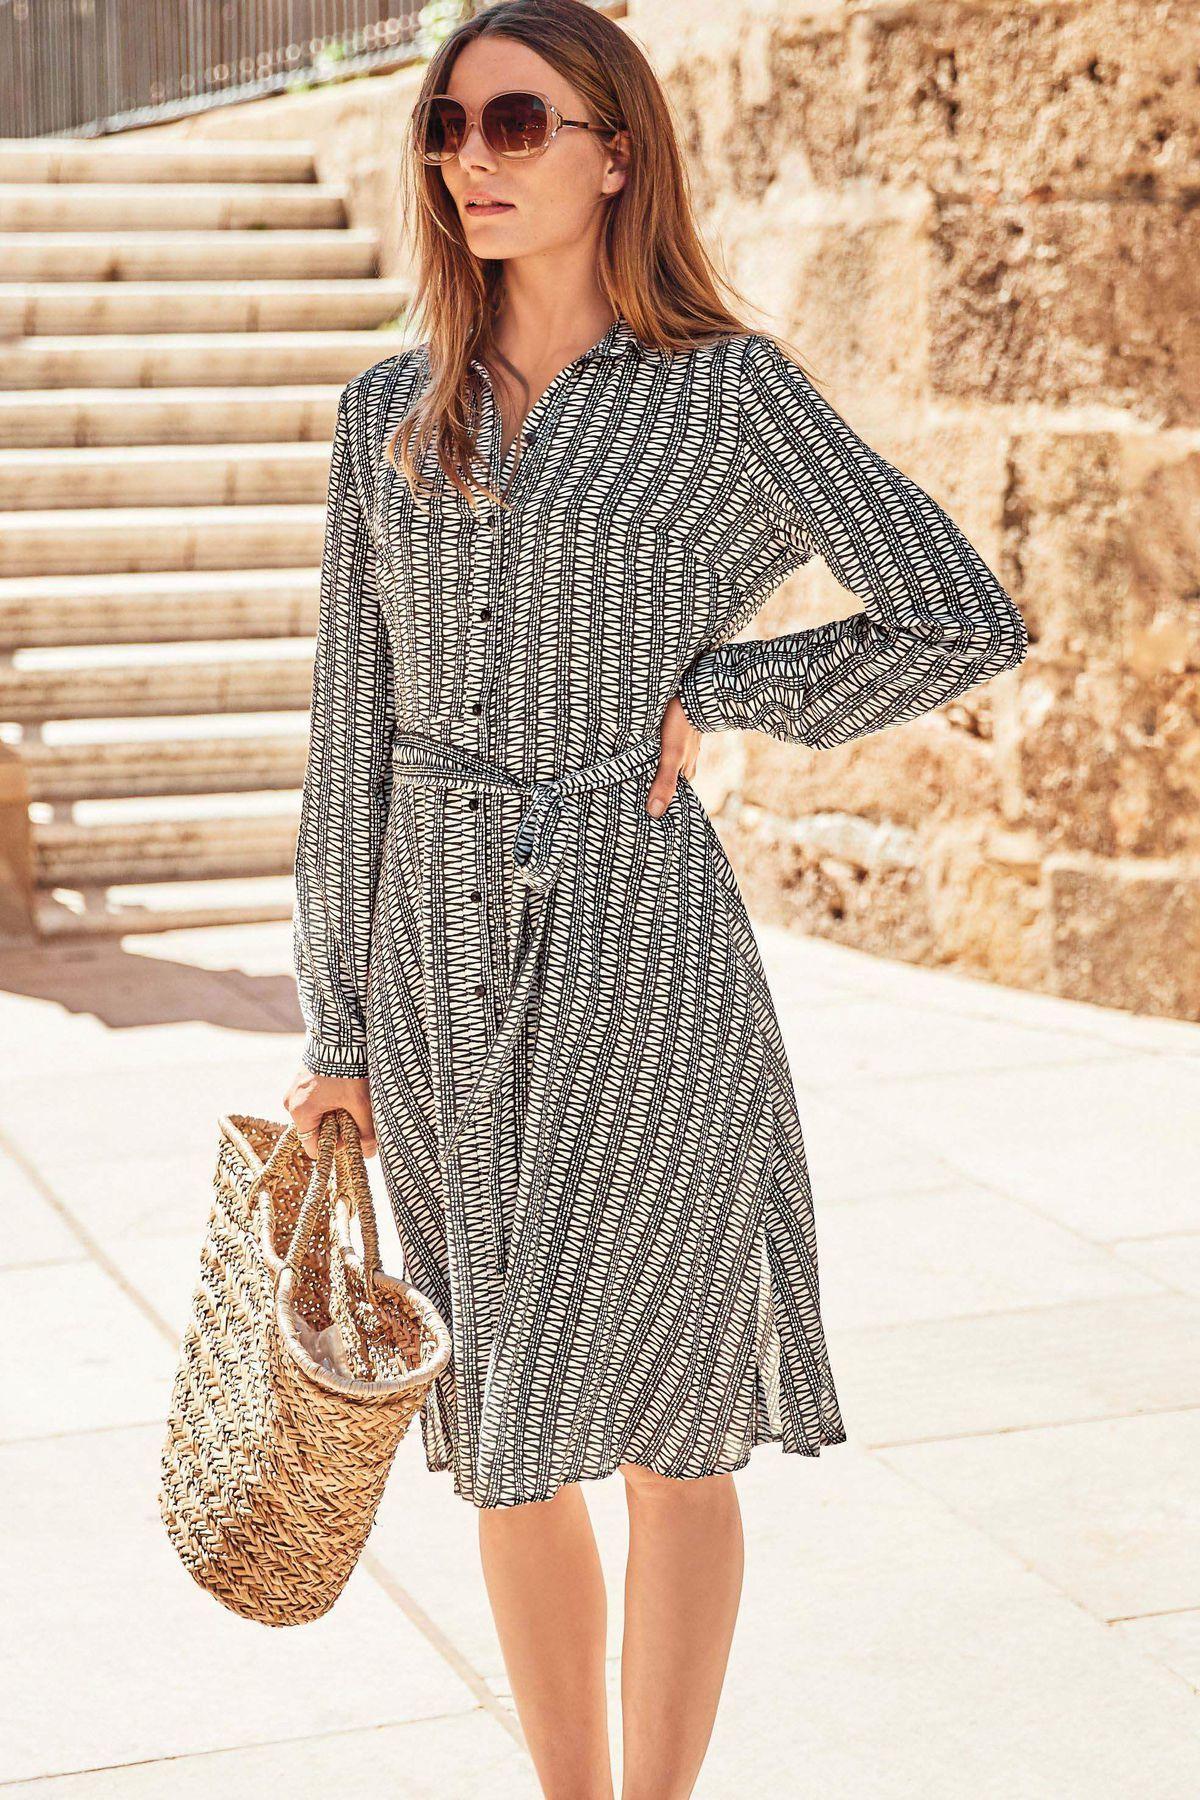 bab7264a1d71 Košeľové šaty - hit bez ohľadu na sezónu! 7 modelov na nosenie v ...